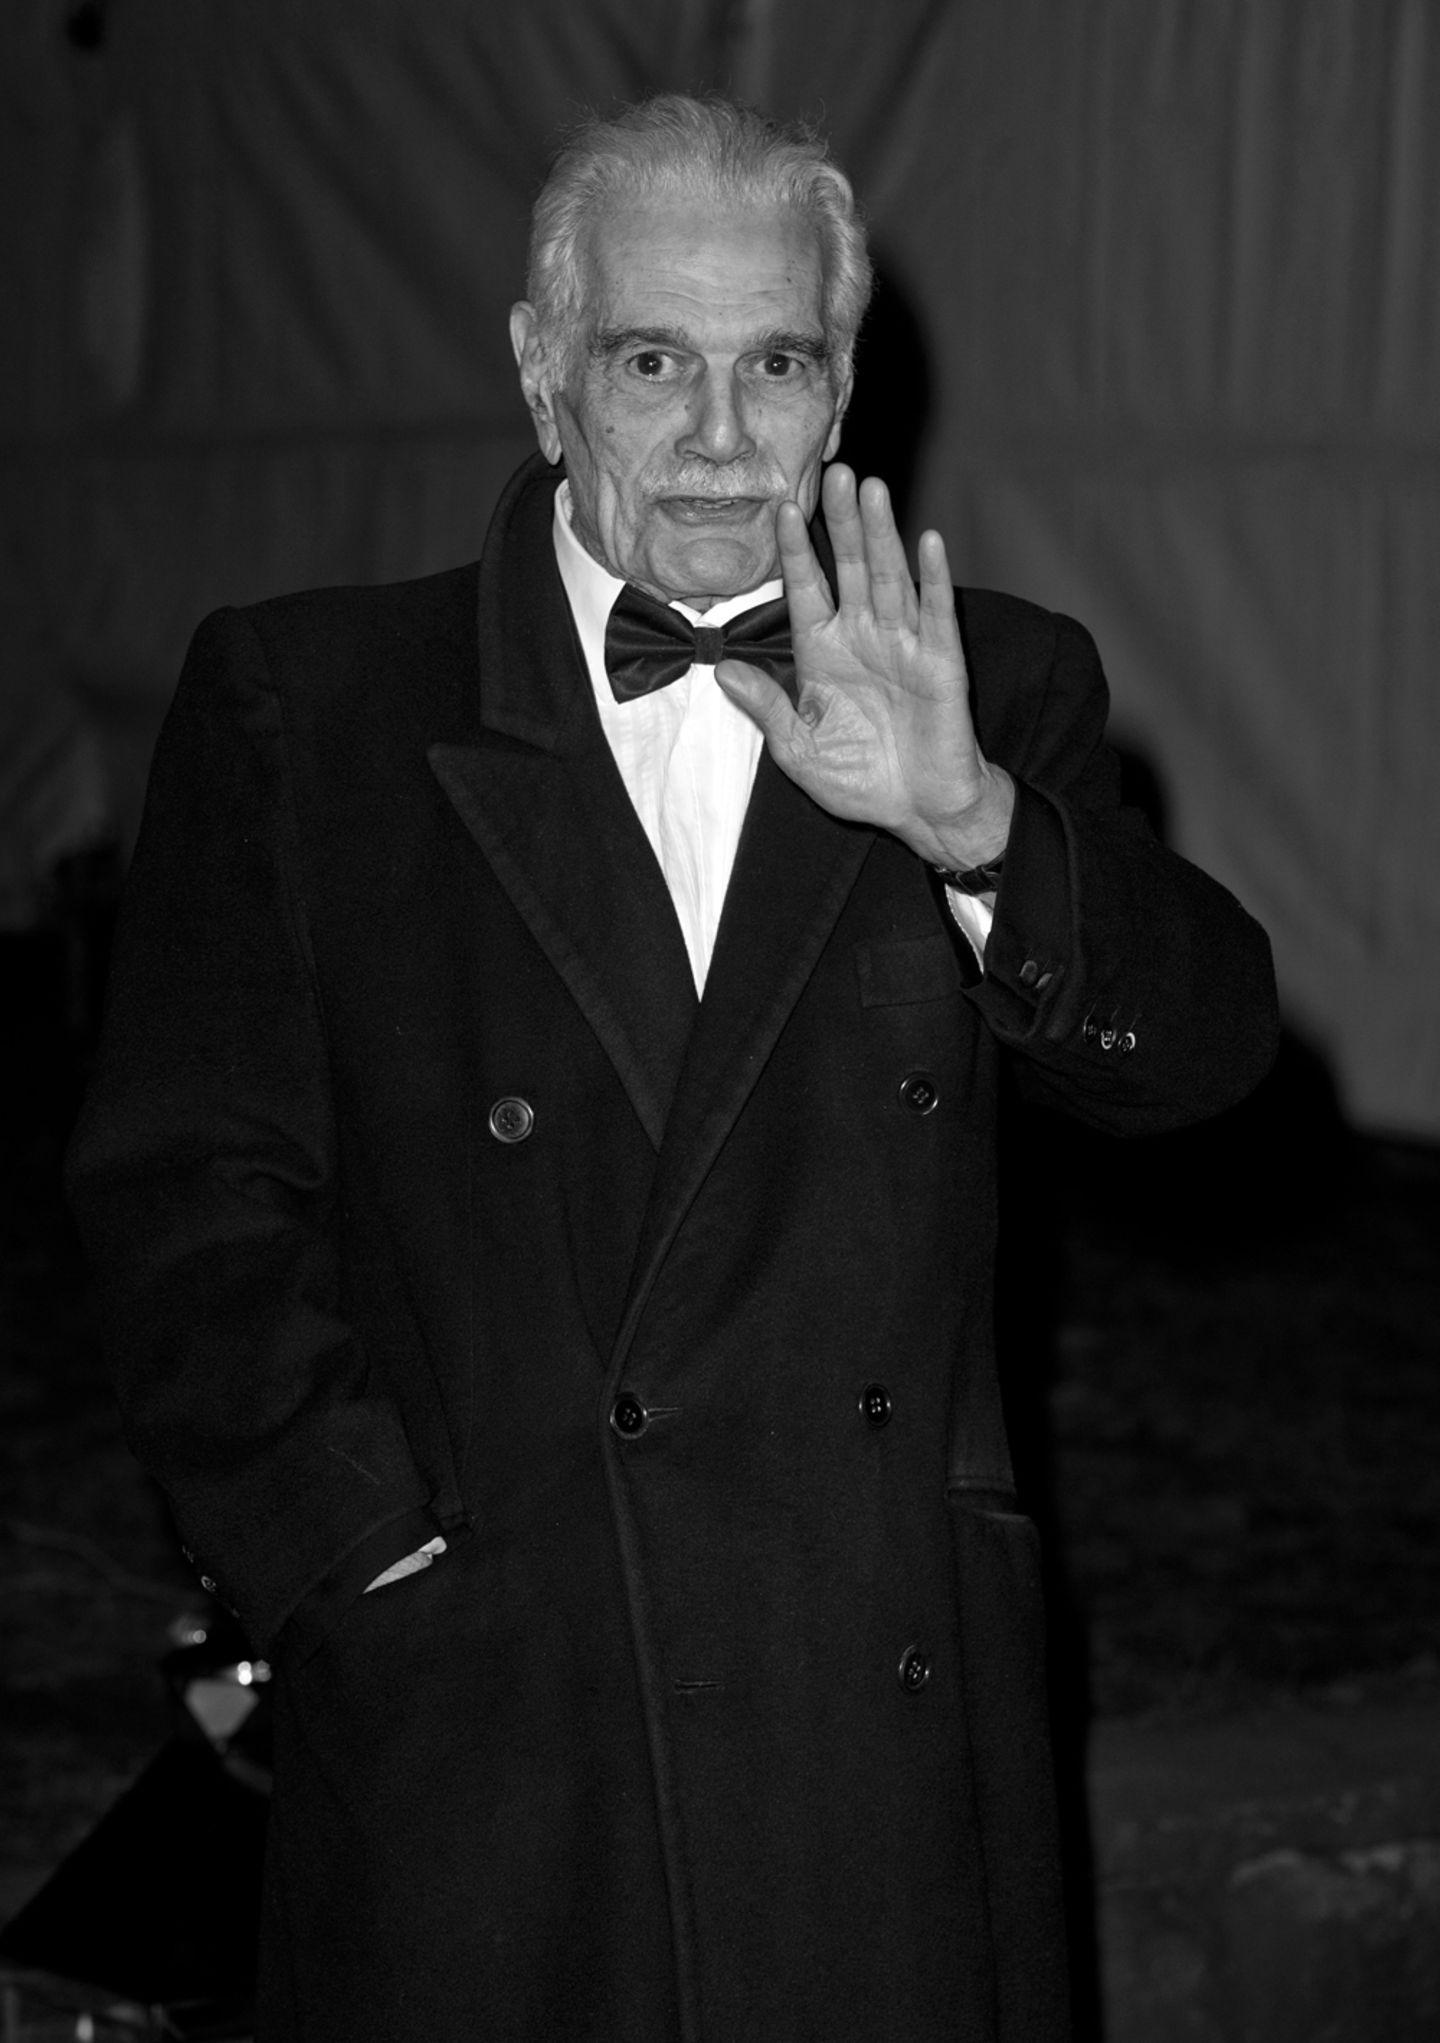 """Jahresrückblick: 10. Juli: Omar Sharif (83 Jahre)Der Ägypter, der durch Filme wie """"Doktor Schiwago"""" oder """"Lawrence von Arabien"""" bekannt geworden ist, erlitt einen Herzinfarkt und starb im Alter von 83 Jahren in Kairo."""